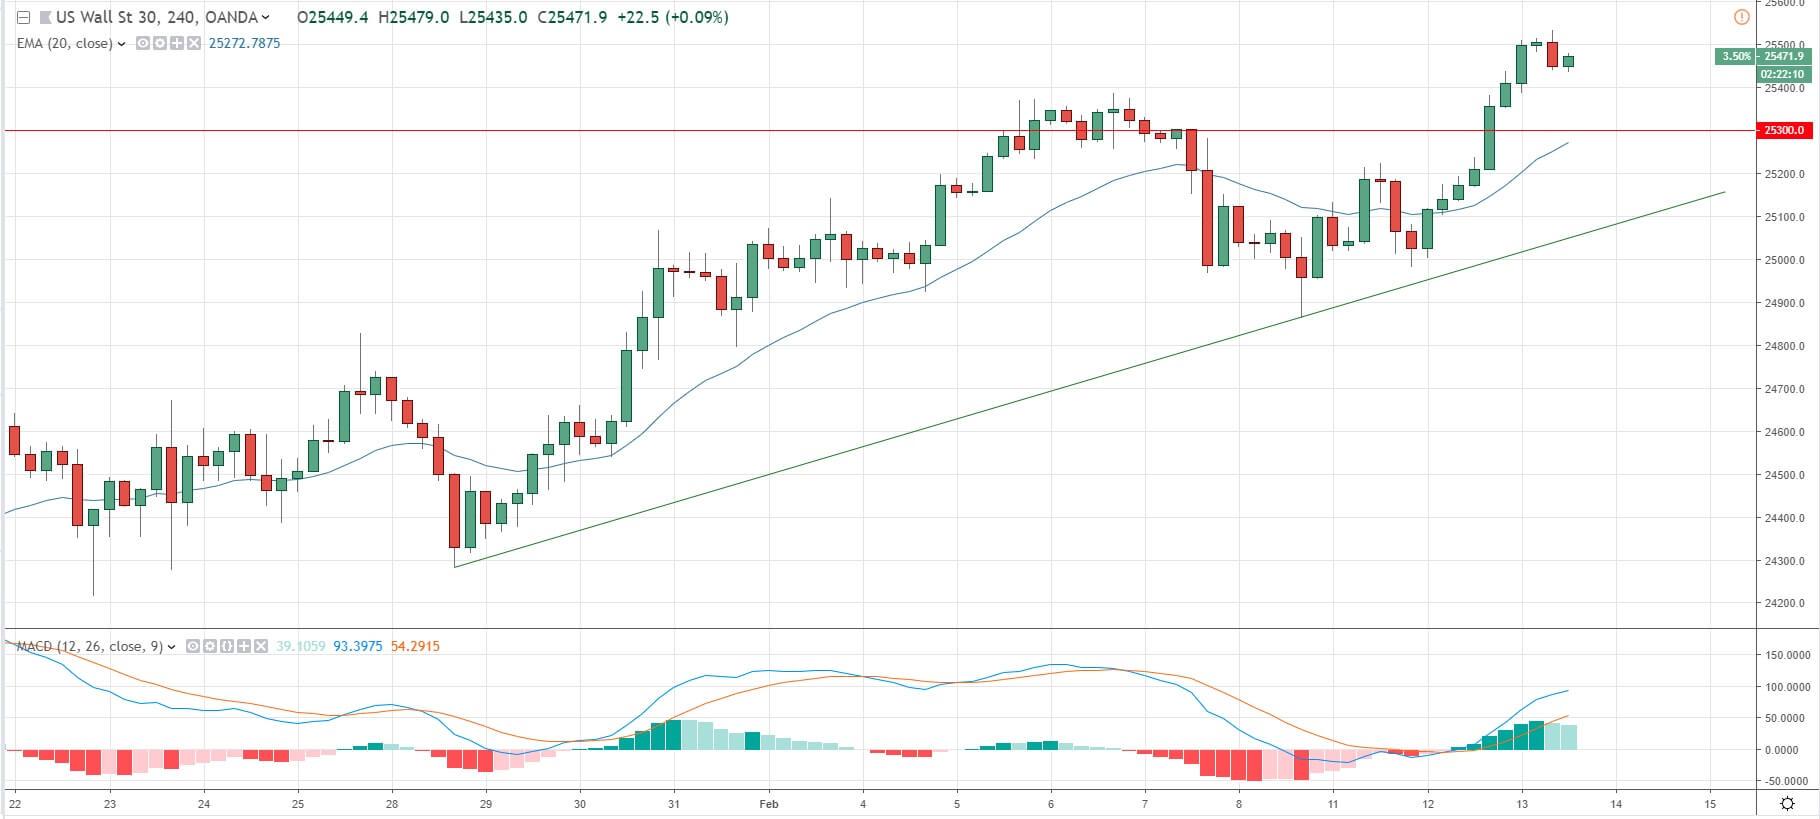 Representa el precio del Dow Jones.